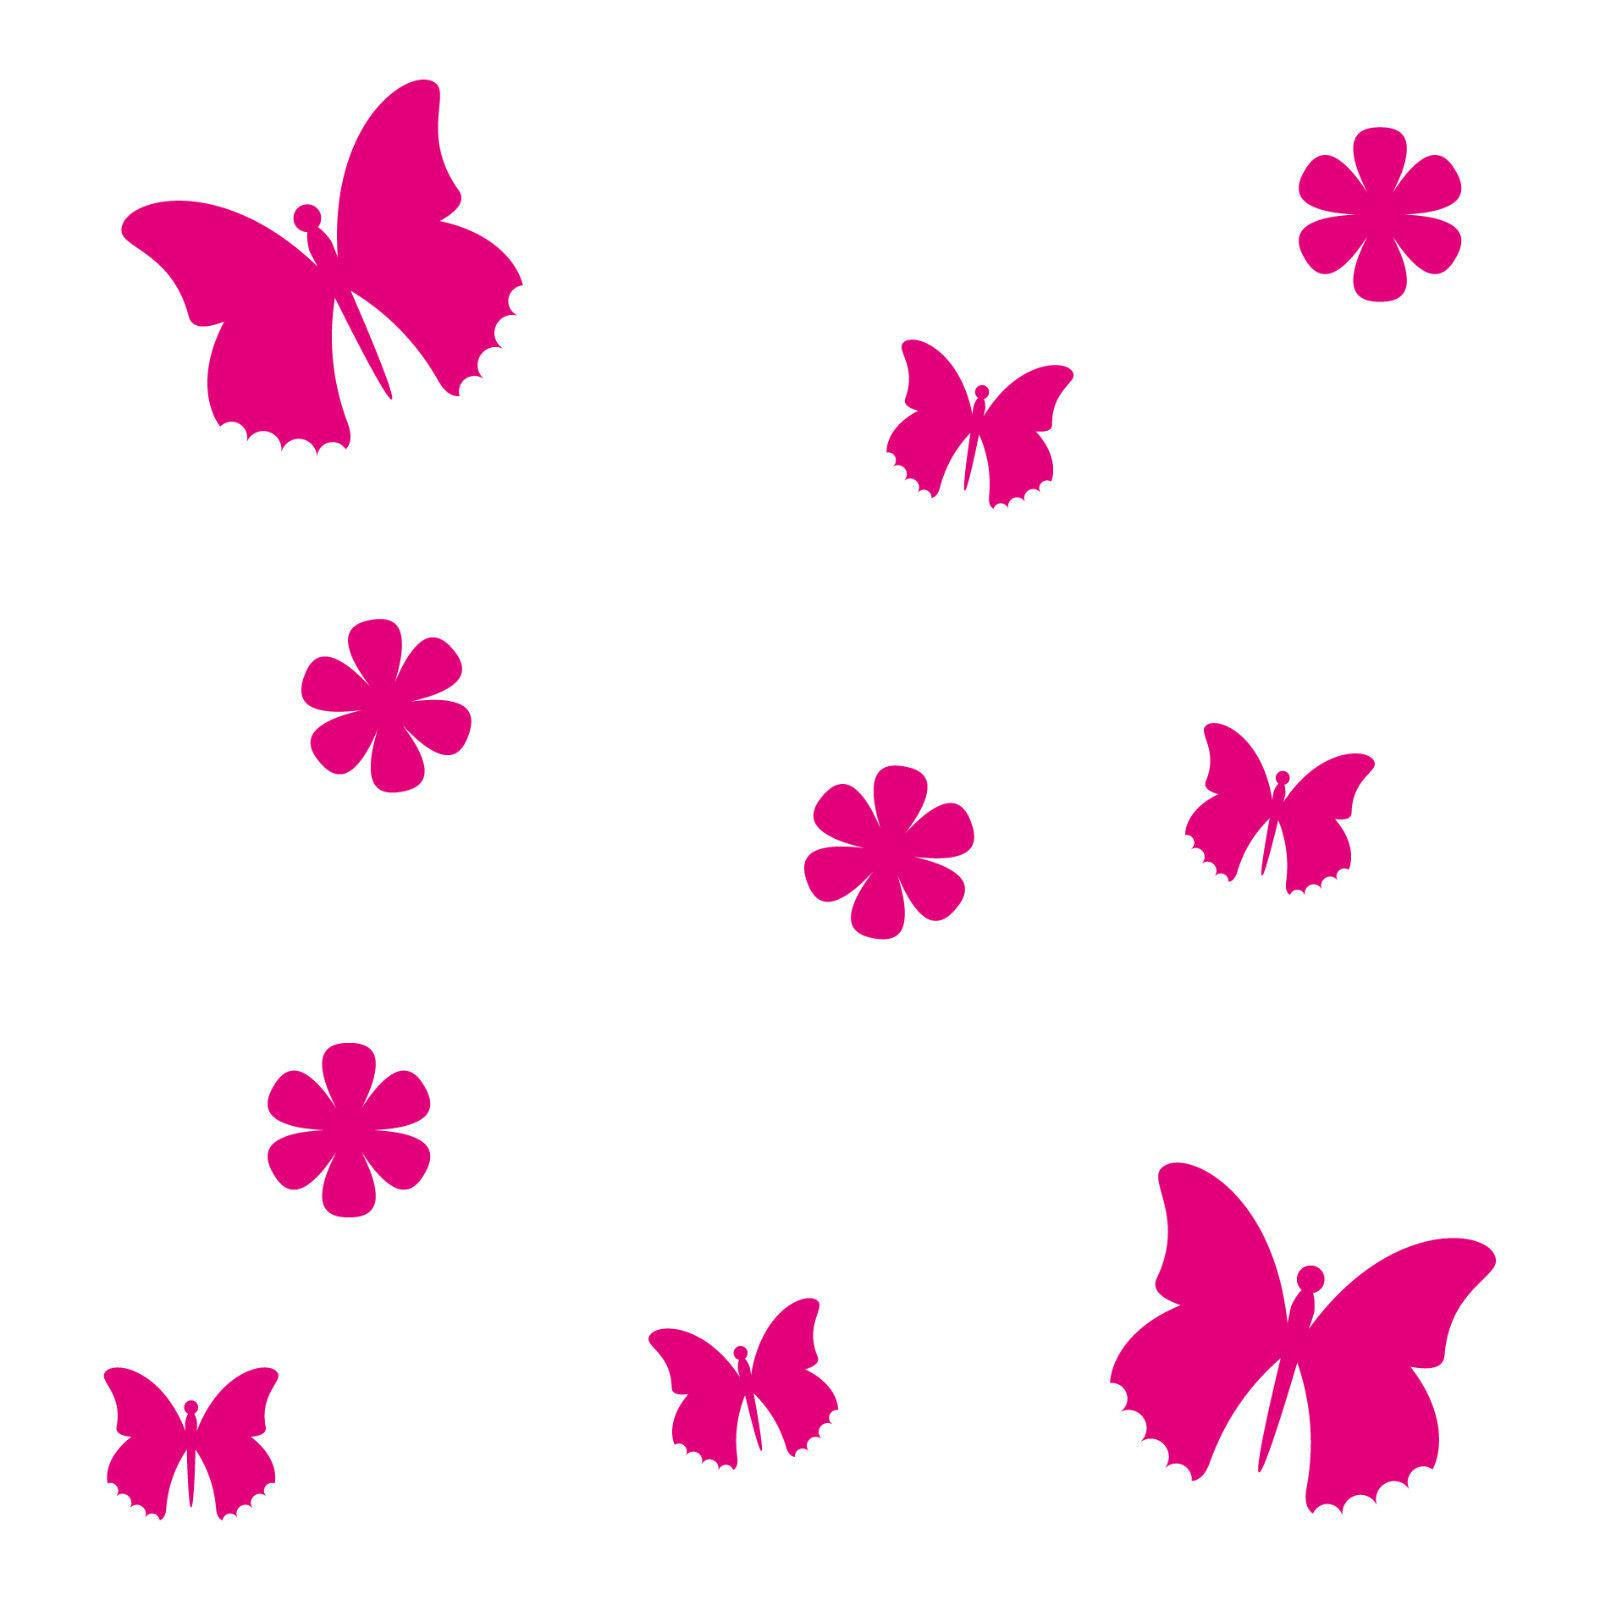 10 aufkleber tattoo pink schmetterlinge blumen auto m bel fenster deko folie kaufen bei green it. Black Bedroom Furniture Sets. Home Design Ideas